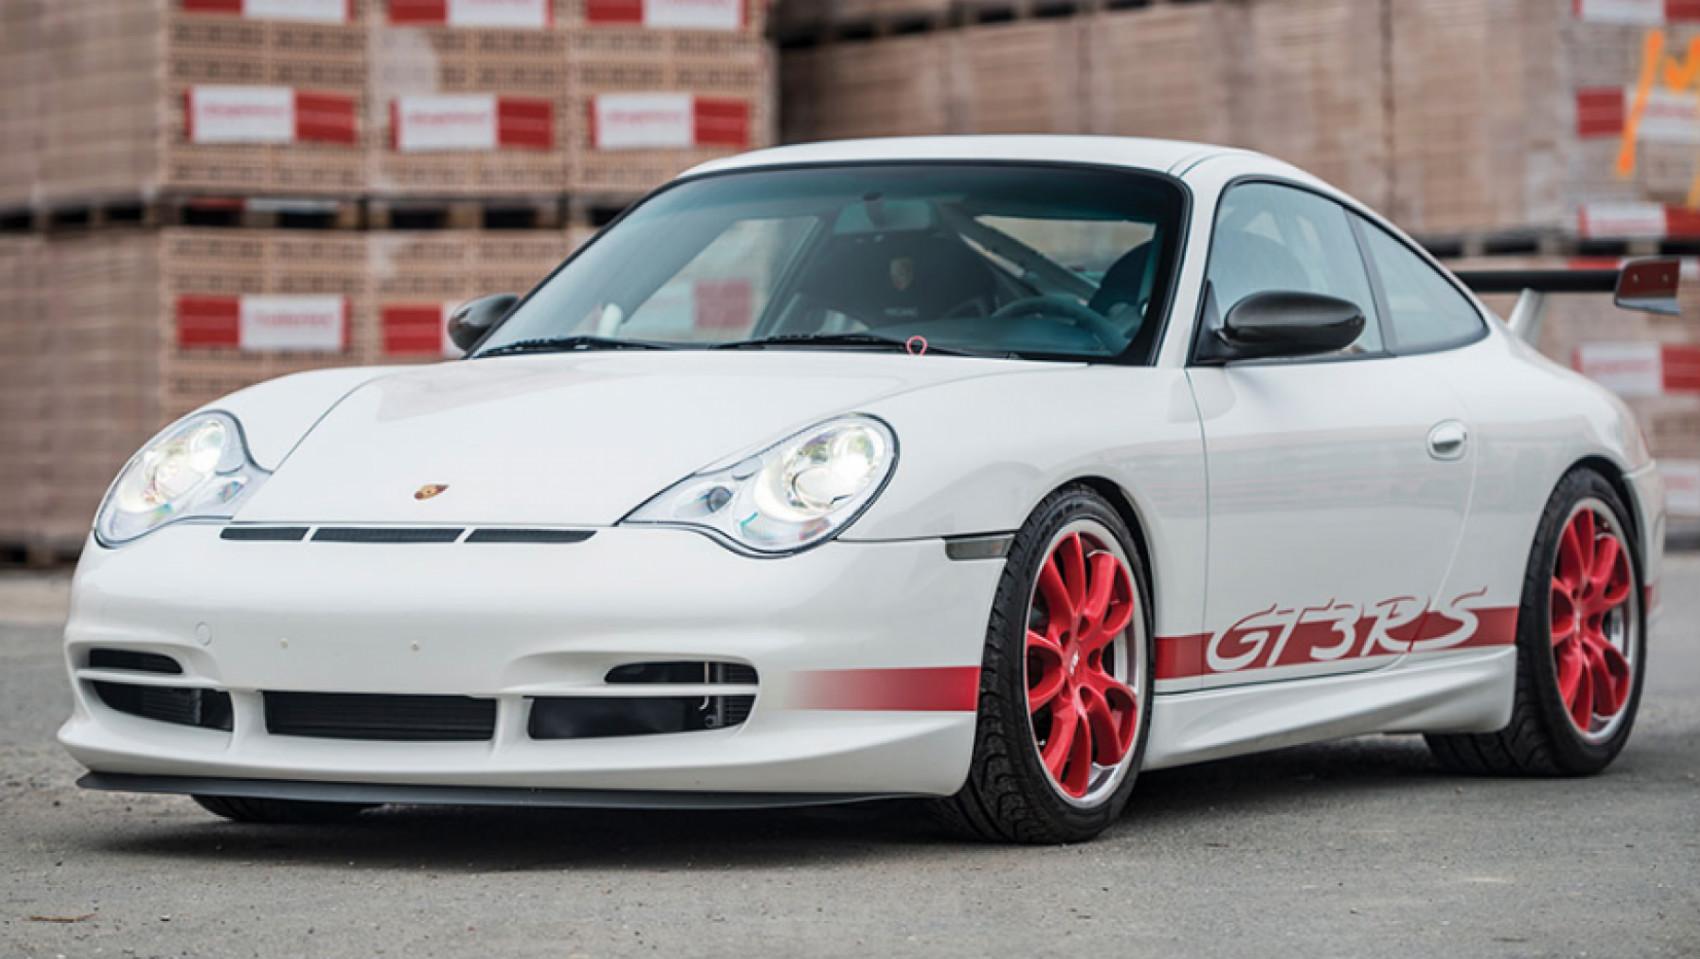 Porsche 996 GT3 RS (2004)